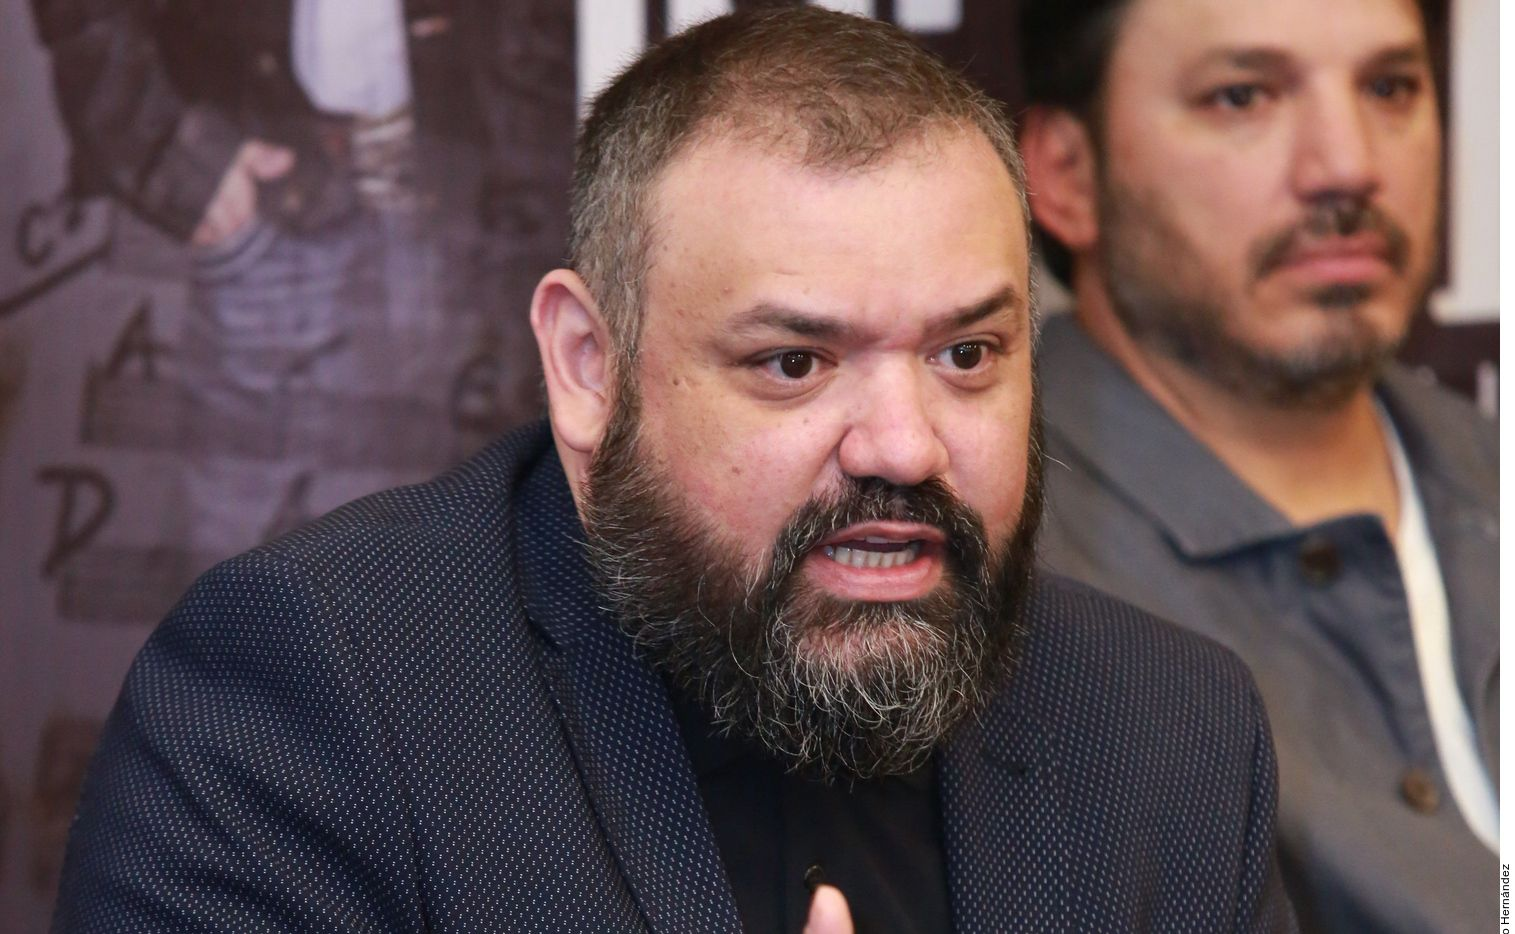 Ricardo Muñoz, de la agrupación Intocable, aseguró que recibirá la segunda dosis de la vacuna contra el coronavirus el 9 de enero.